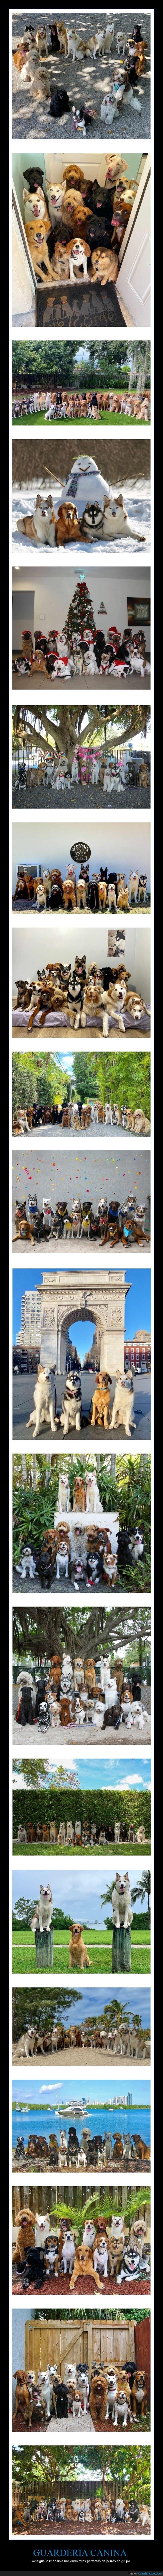 fotos,grupos,guardería canina,perros